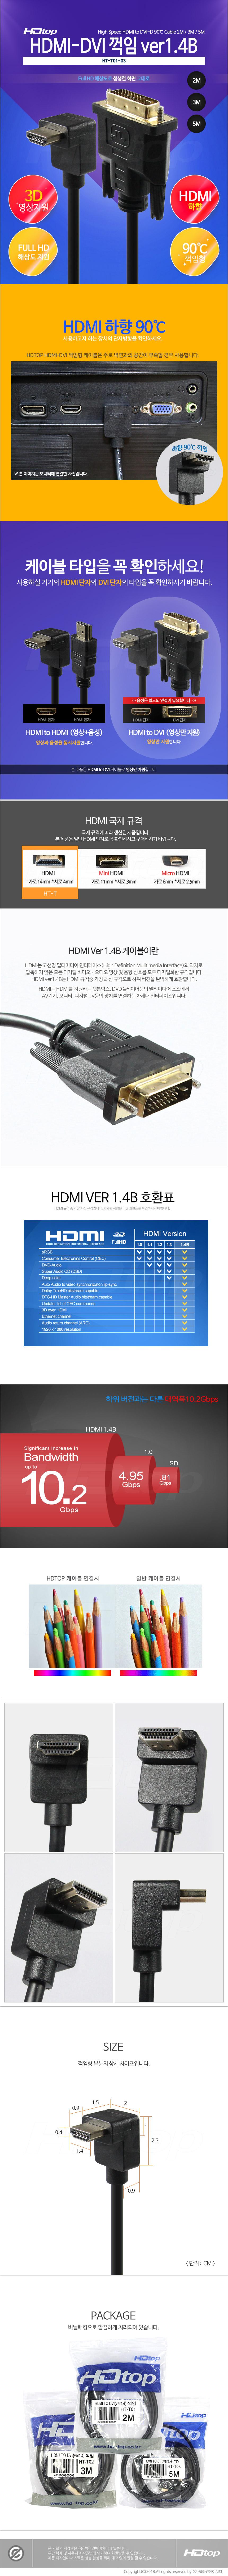 탑라인에이치디 HDTOP HDMI to DVI v1.4b 꺽임 케이블 (3m, HT-T02)